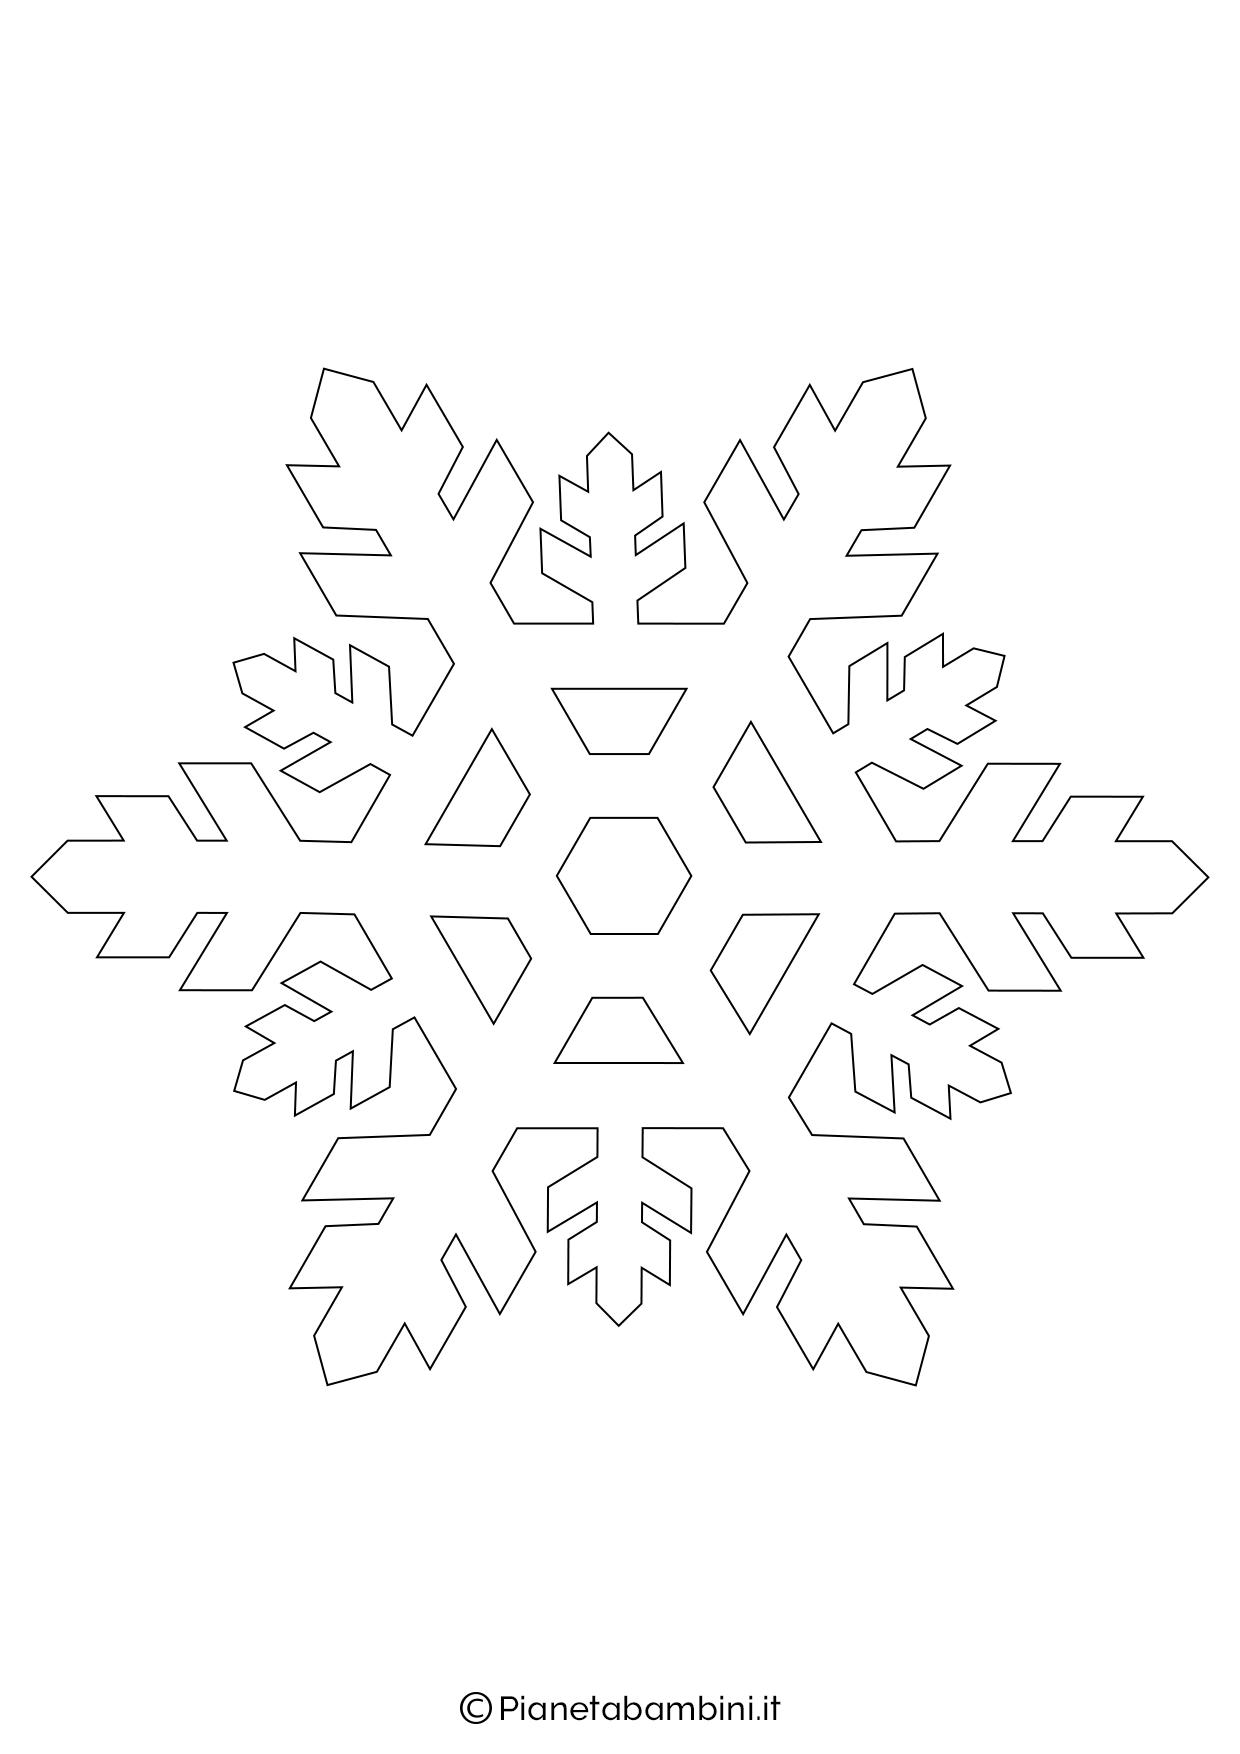 9 Sagome Di Fiocchi Di Neve Da Stampare E Ritagliare Pianetabambini It